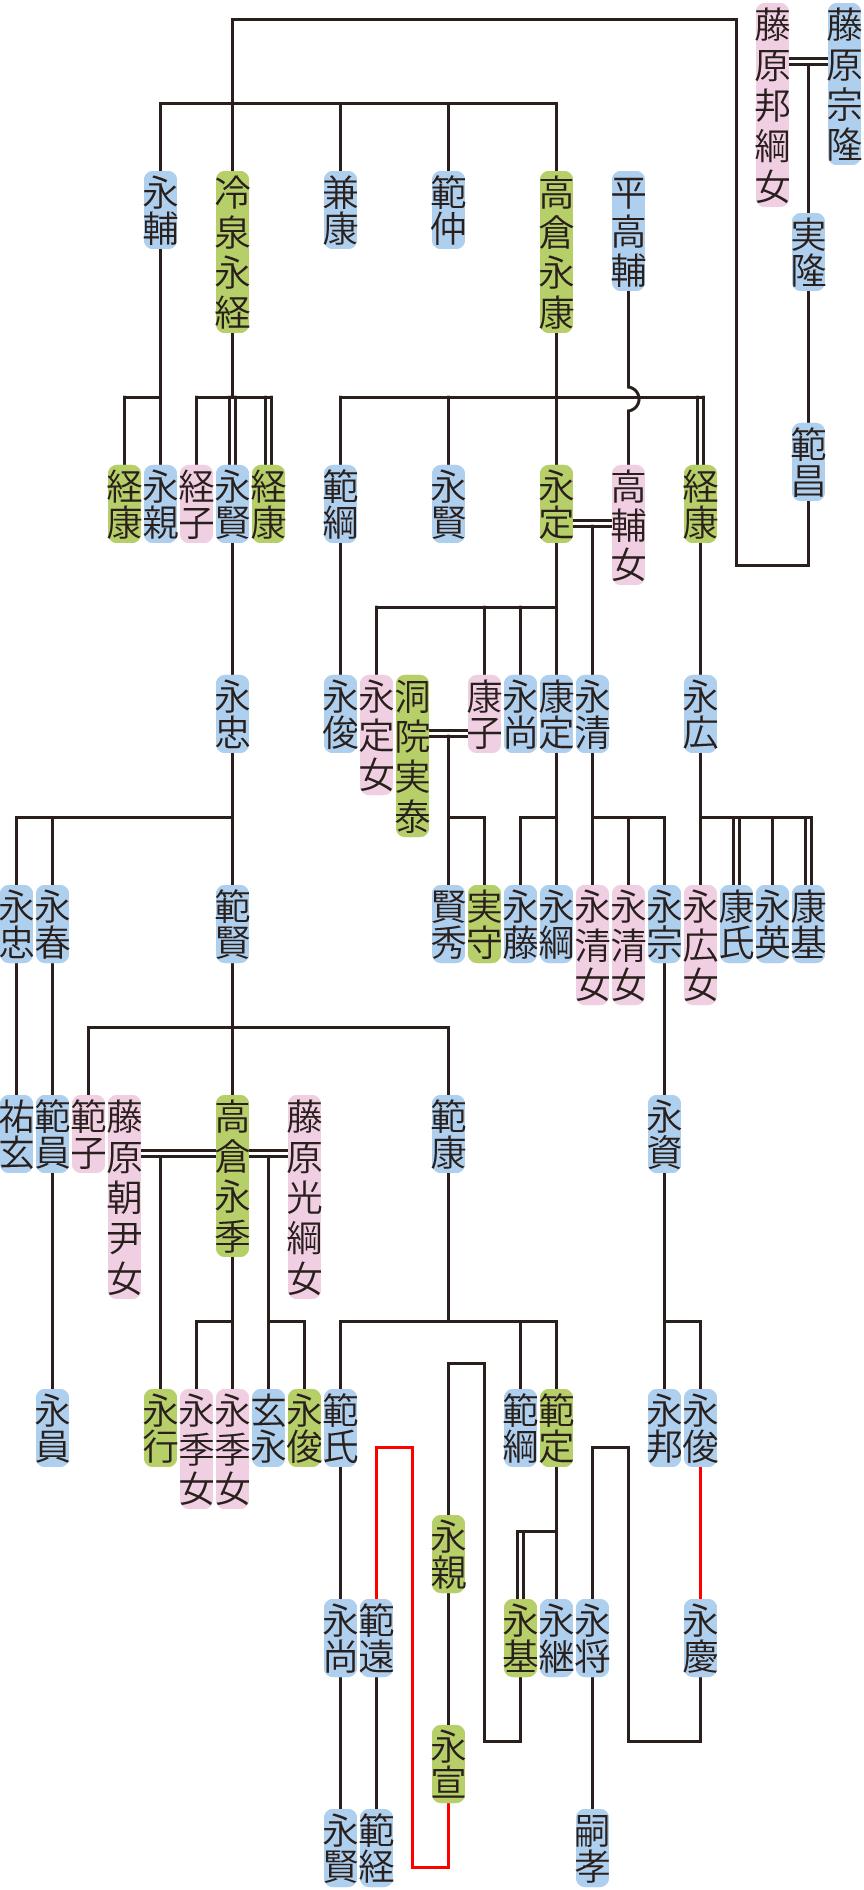 藤原範昌~冷泉範賢の系図